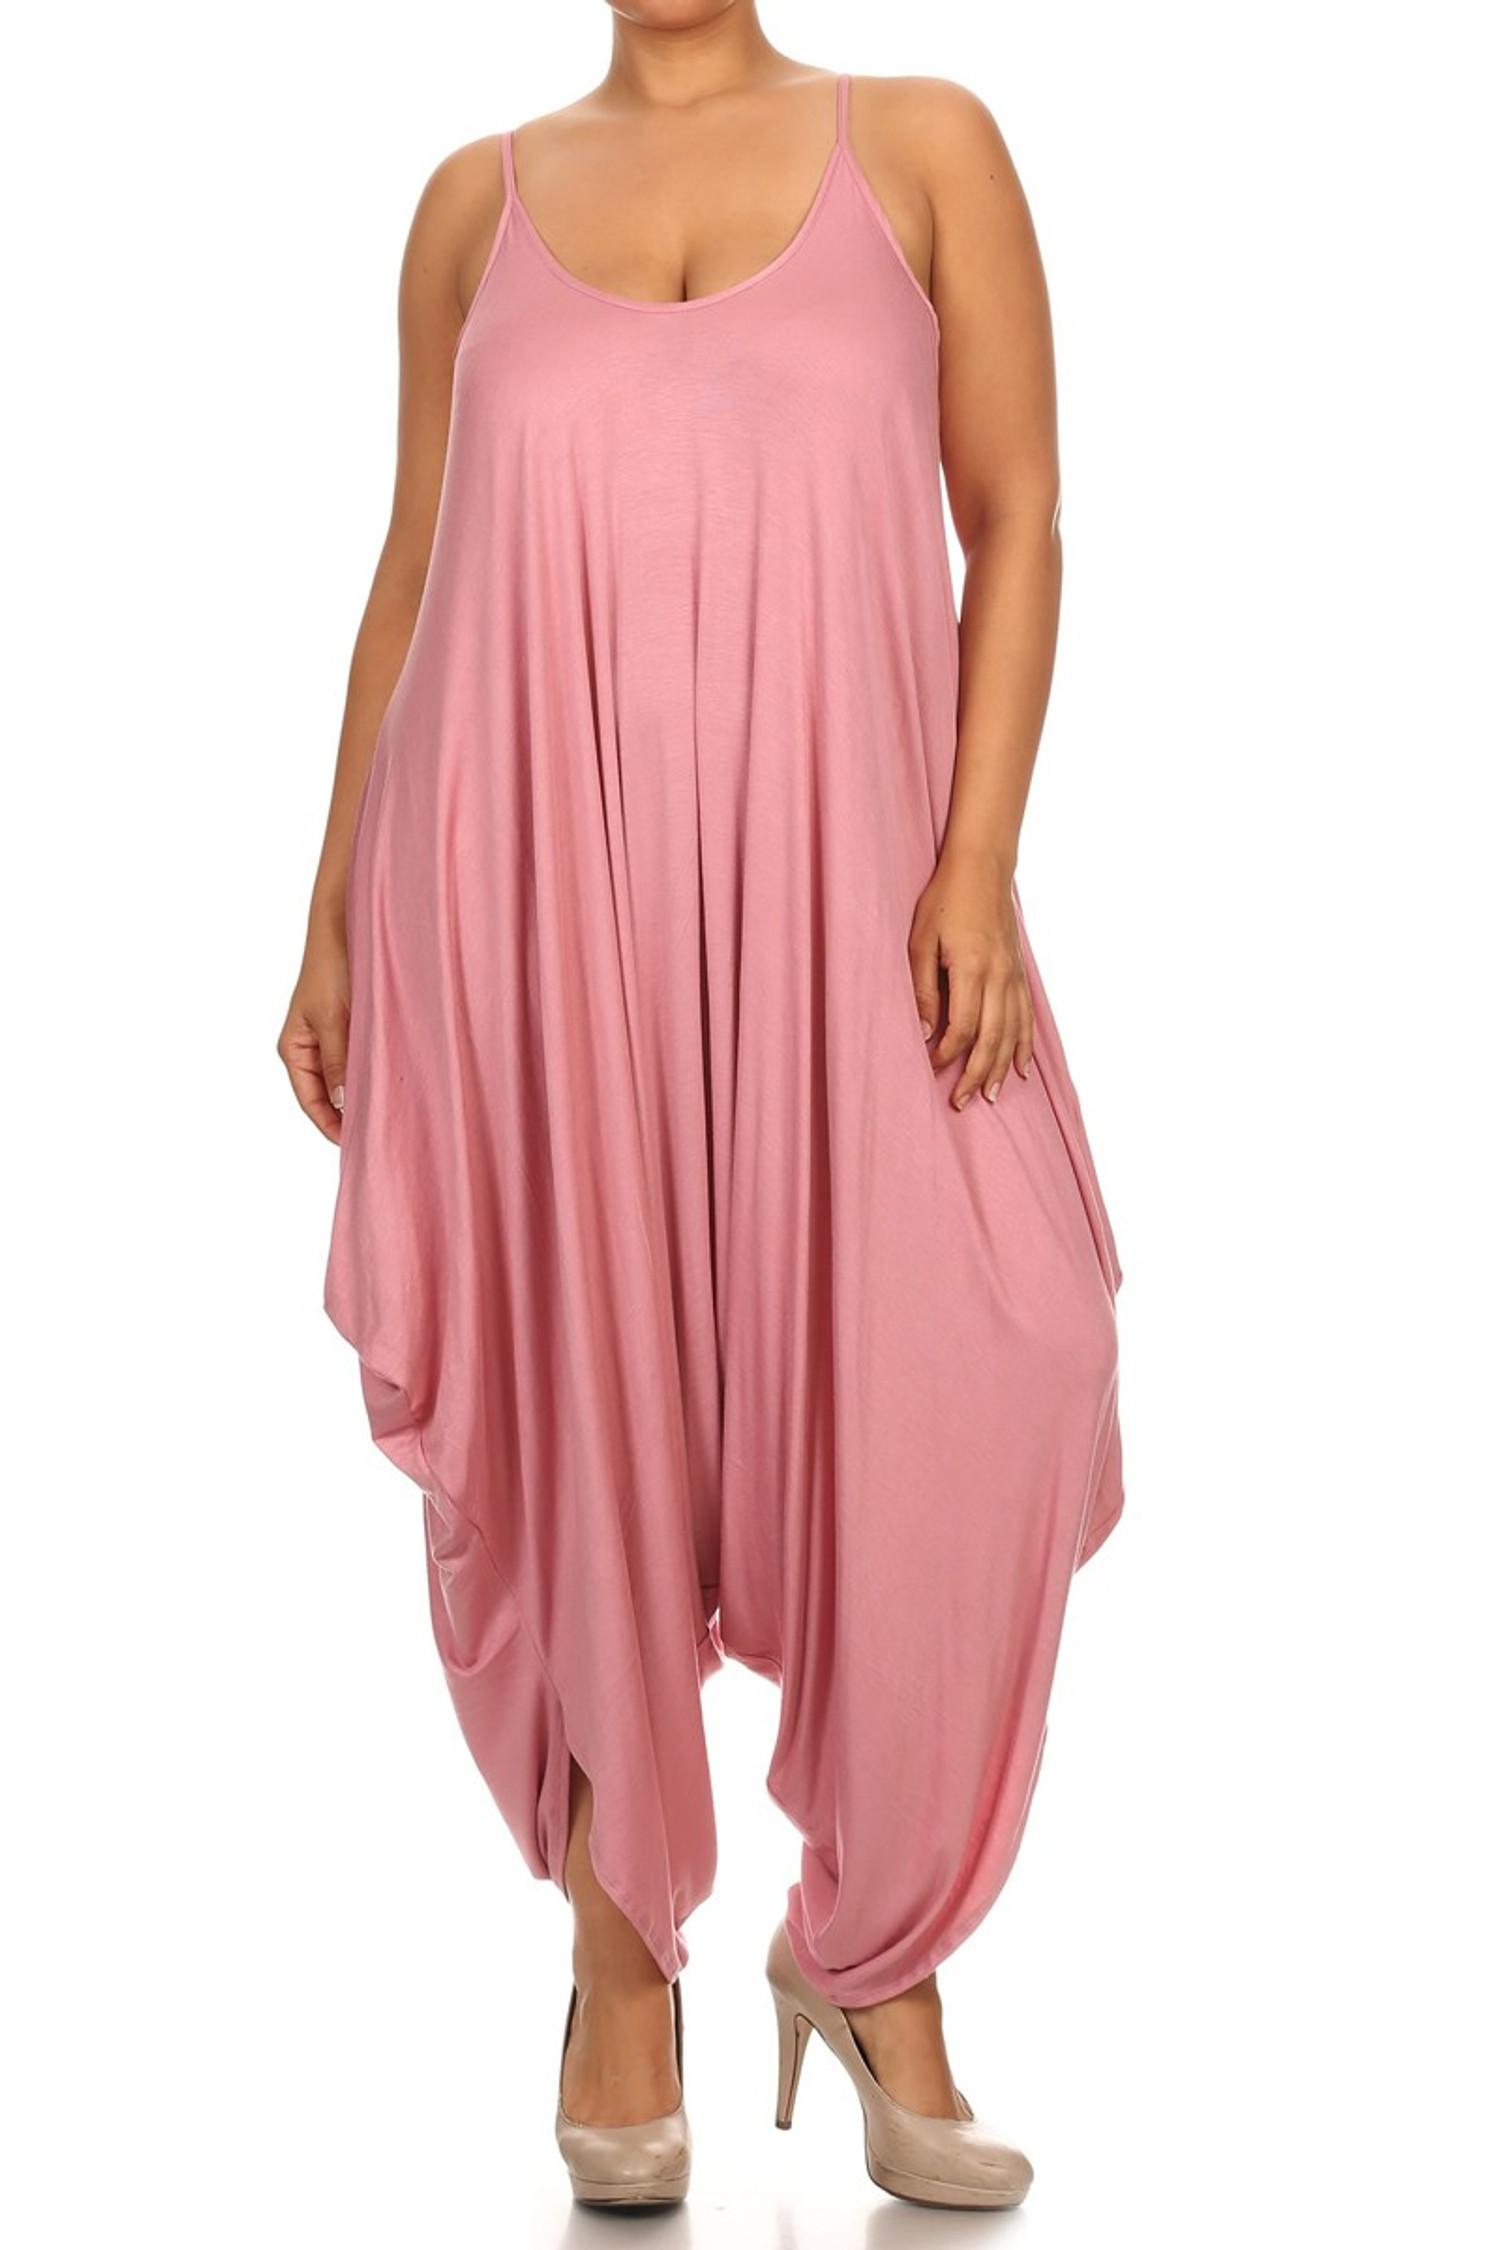 Rose Bohemian Harem Jumpsuit - Plus Size